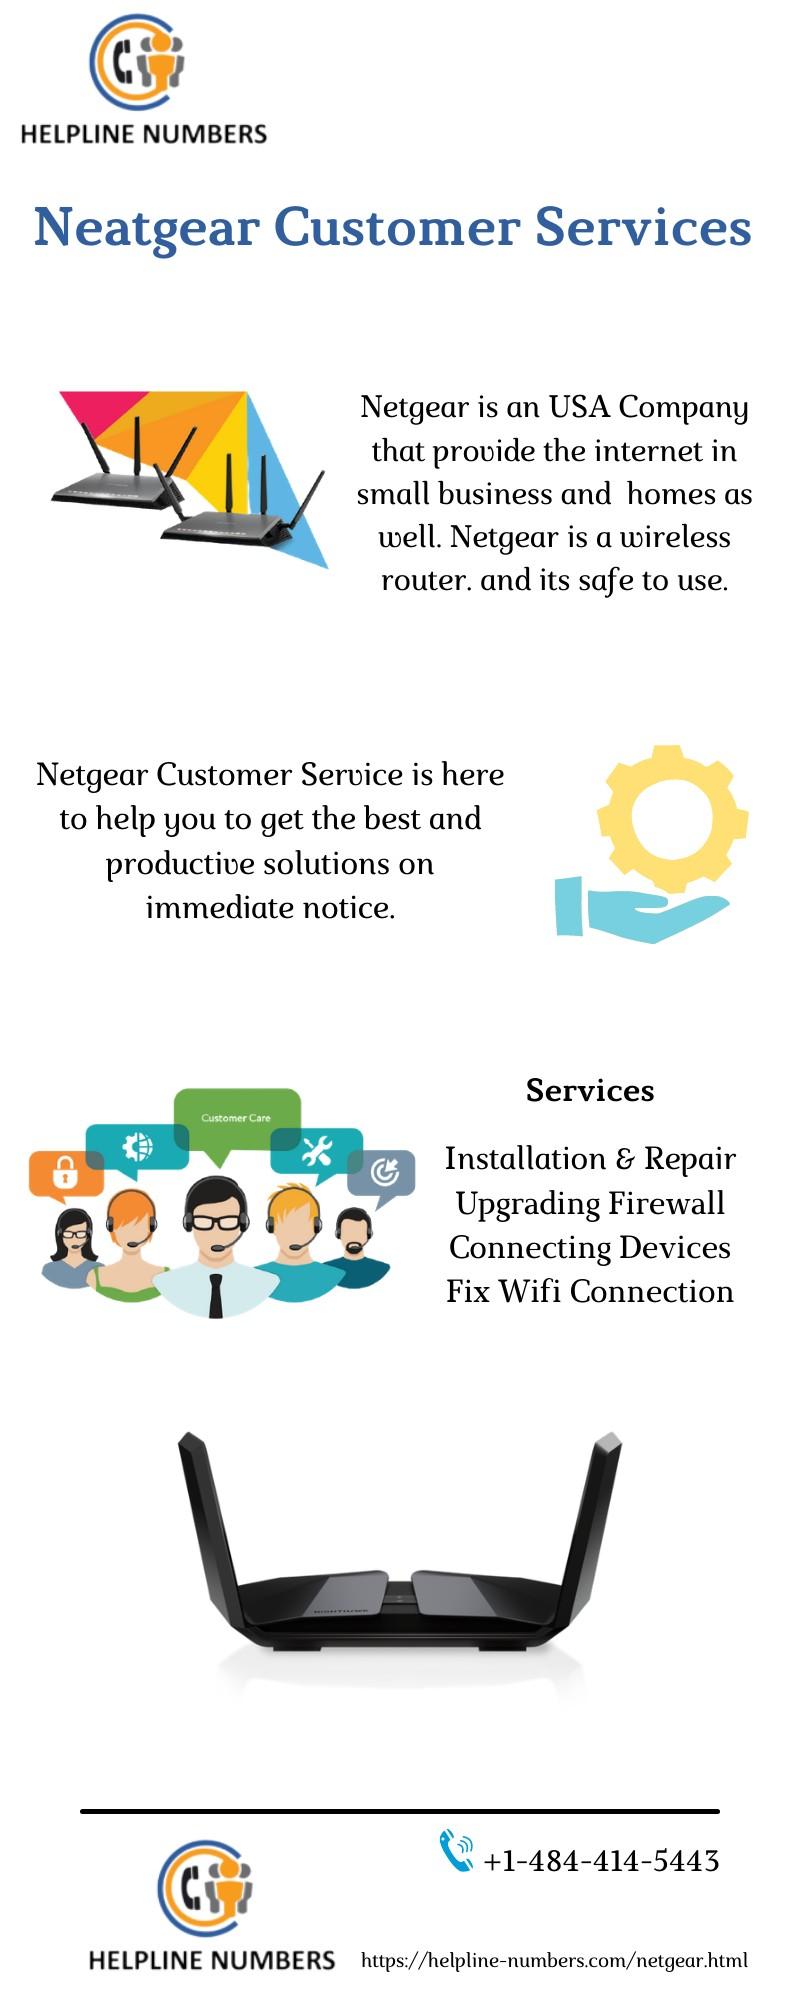 Netgear Customer Service